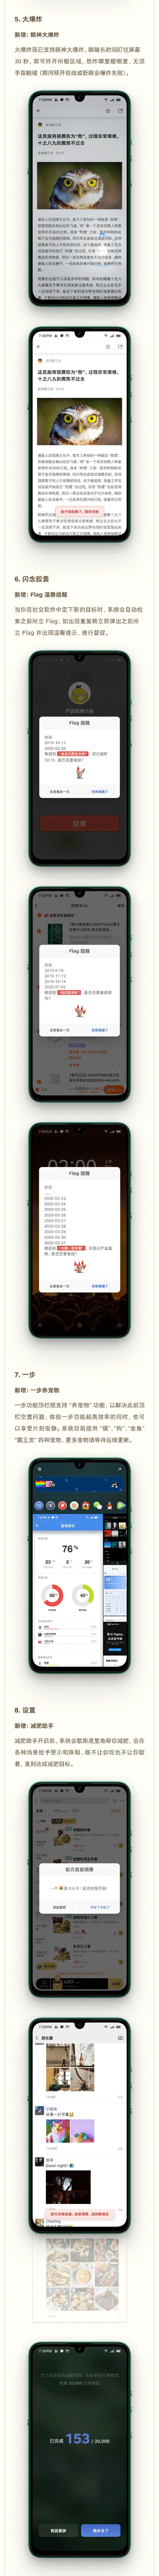 坚果手机发布愚人节Smartisan OS v7.7.7特别版:新增较多不可思议功能